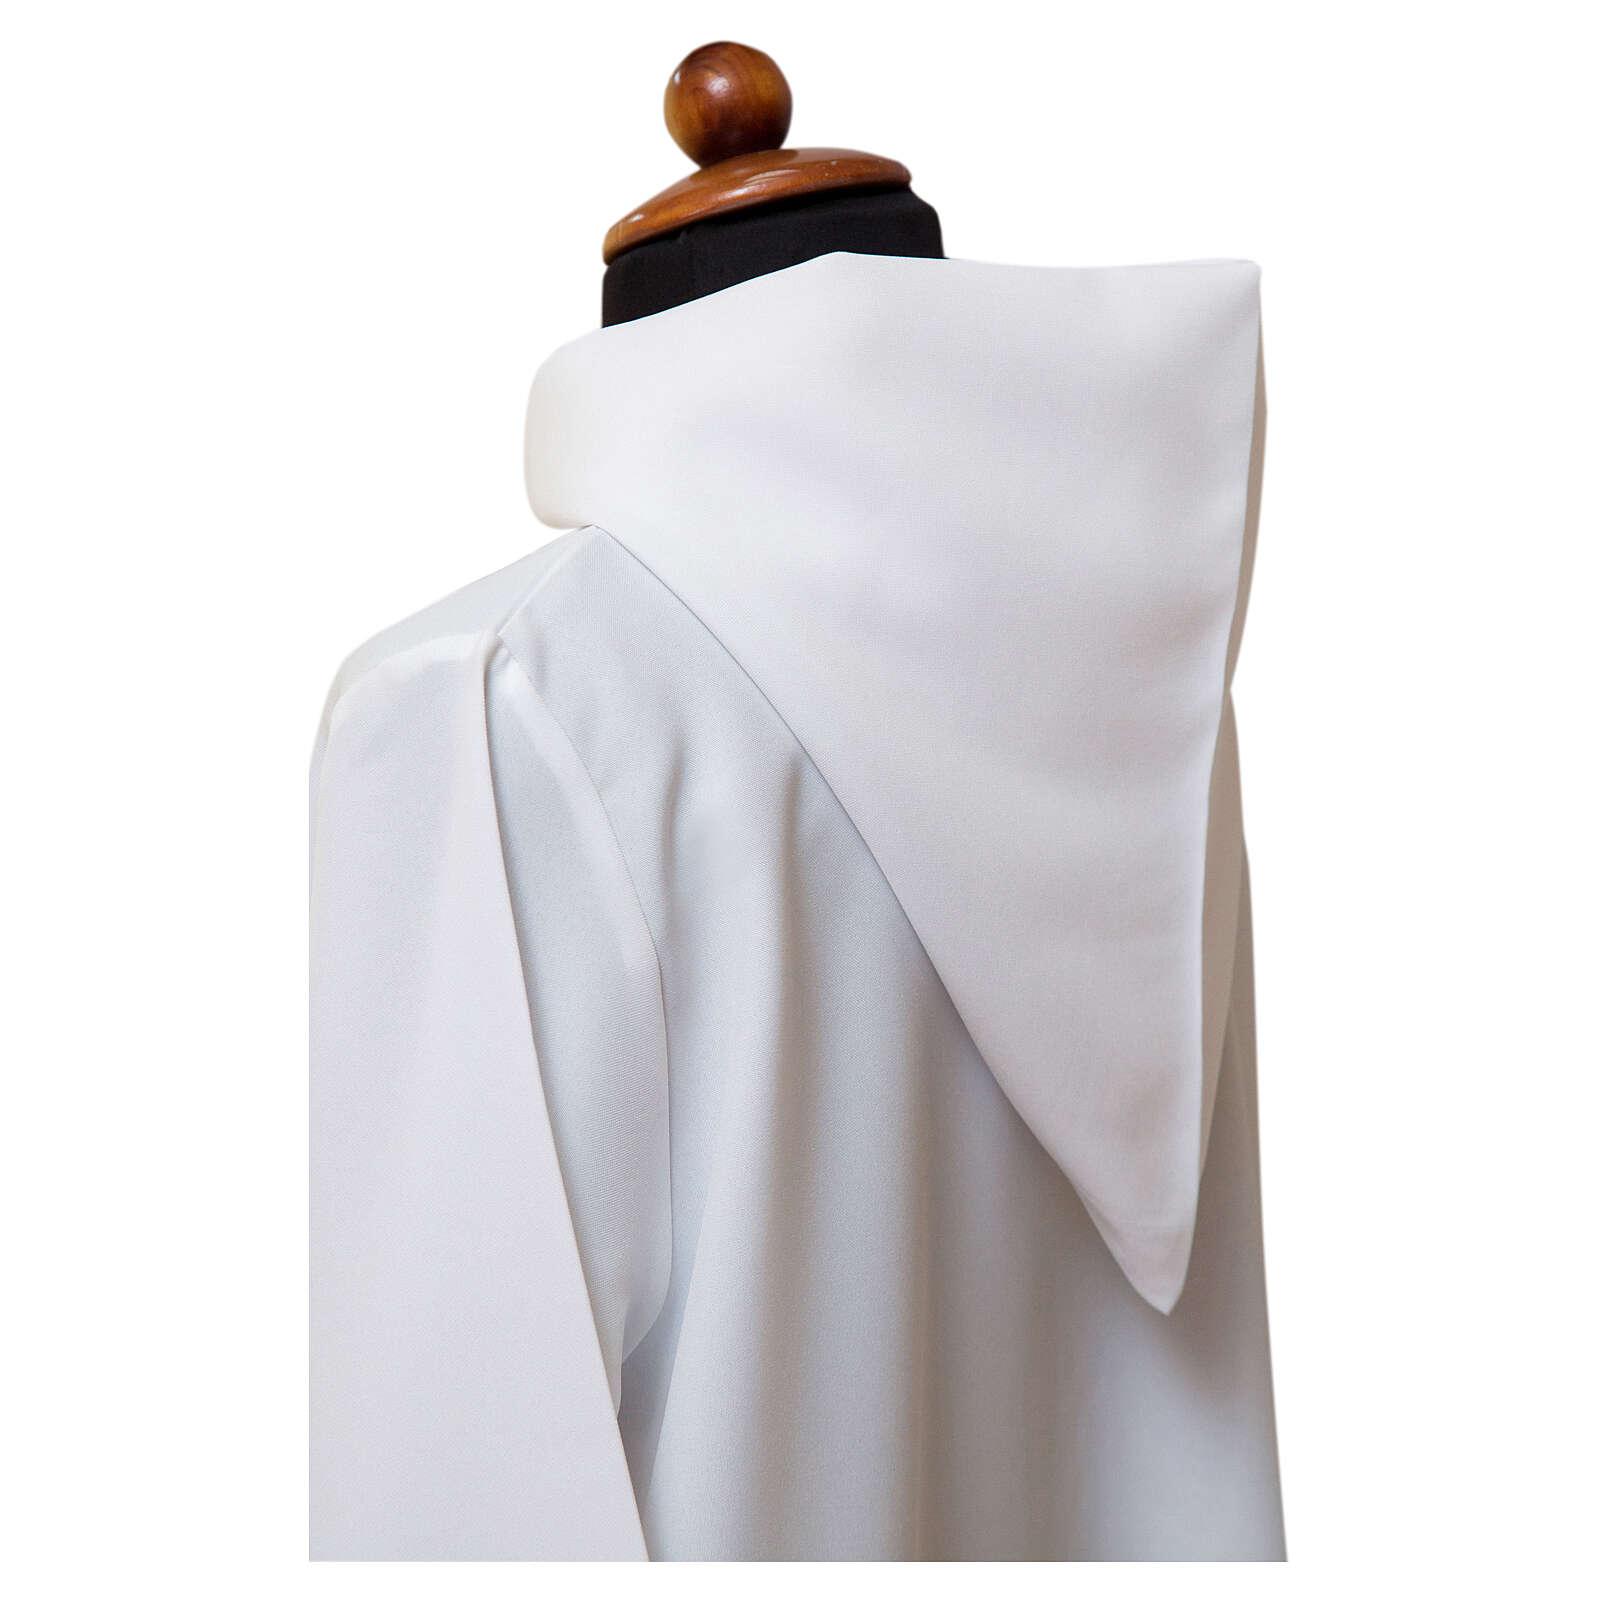 Alva branca alargando nas mangas grande capuz misto algodão 4